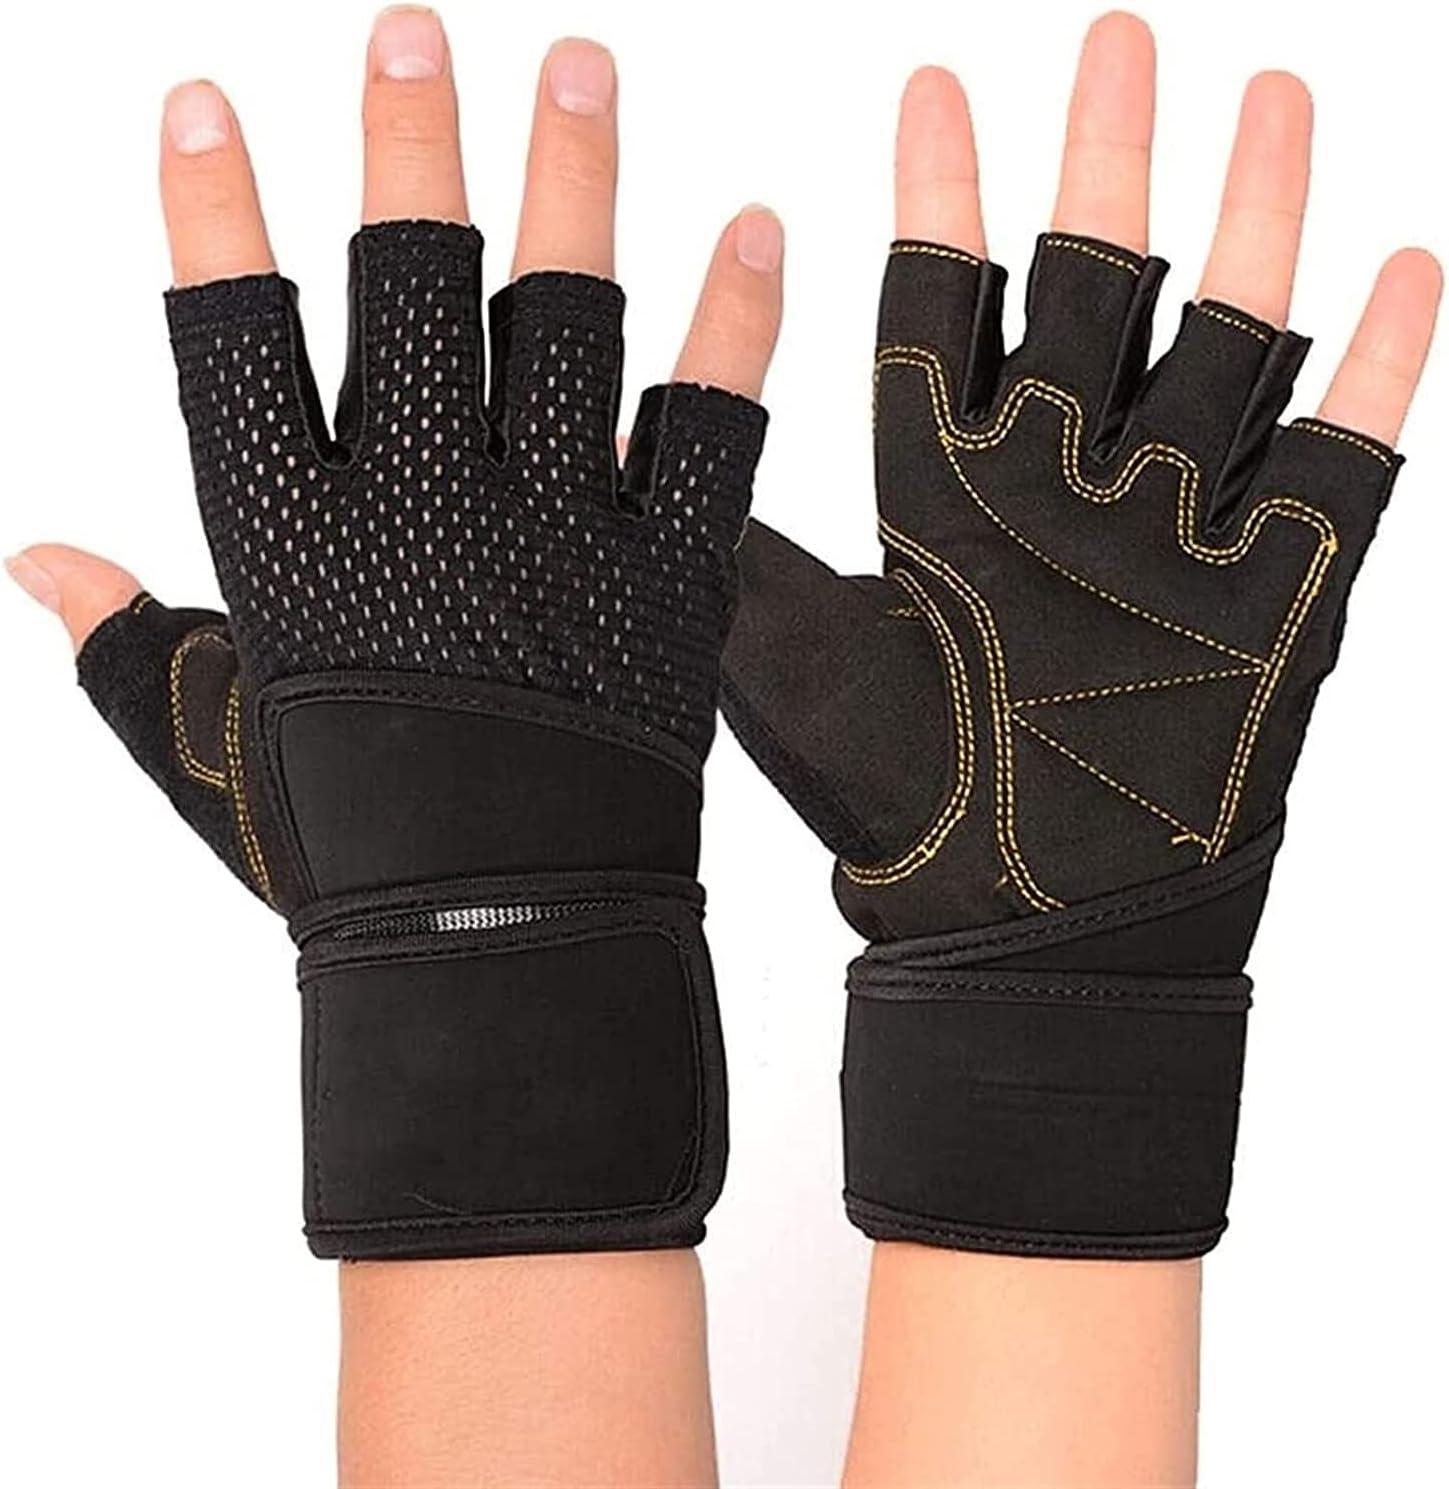 Exercise Gloves fingerless gloves Sport gloves Sport Gloves Men'